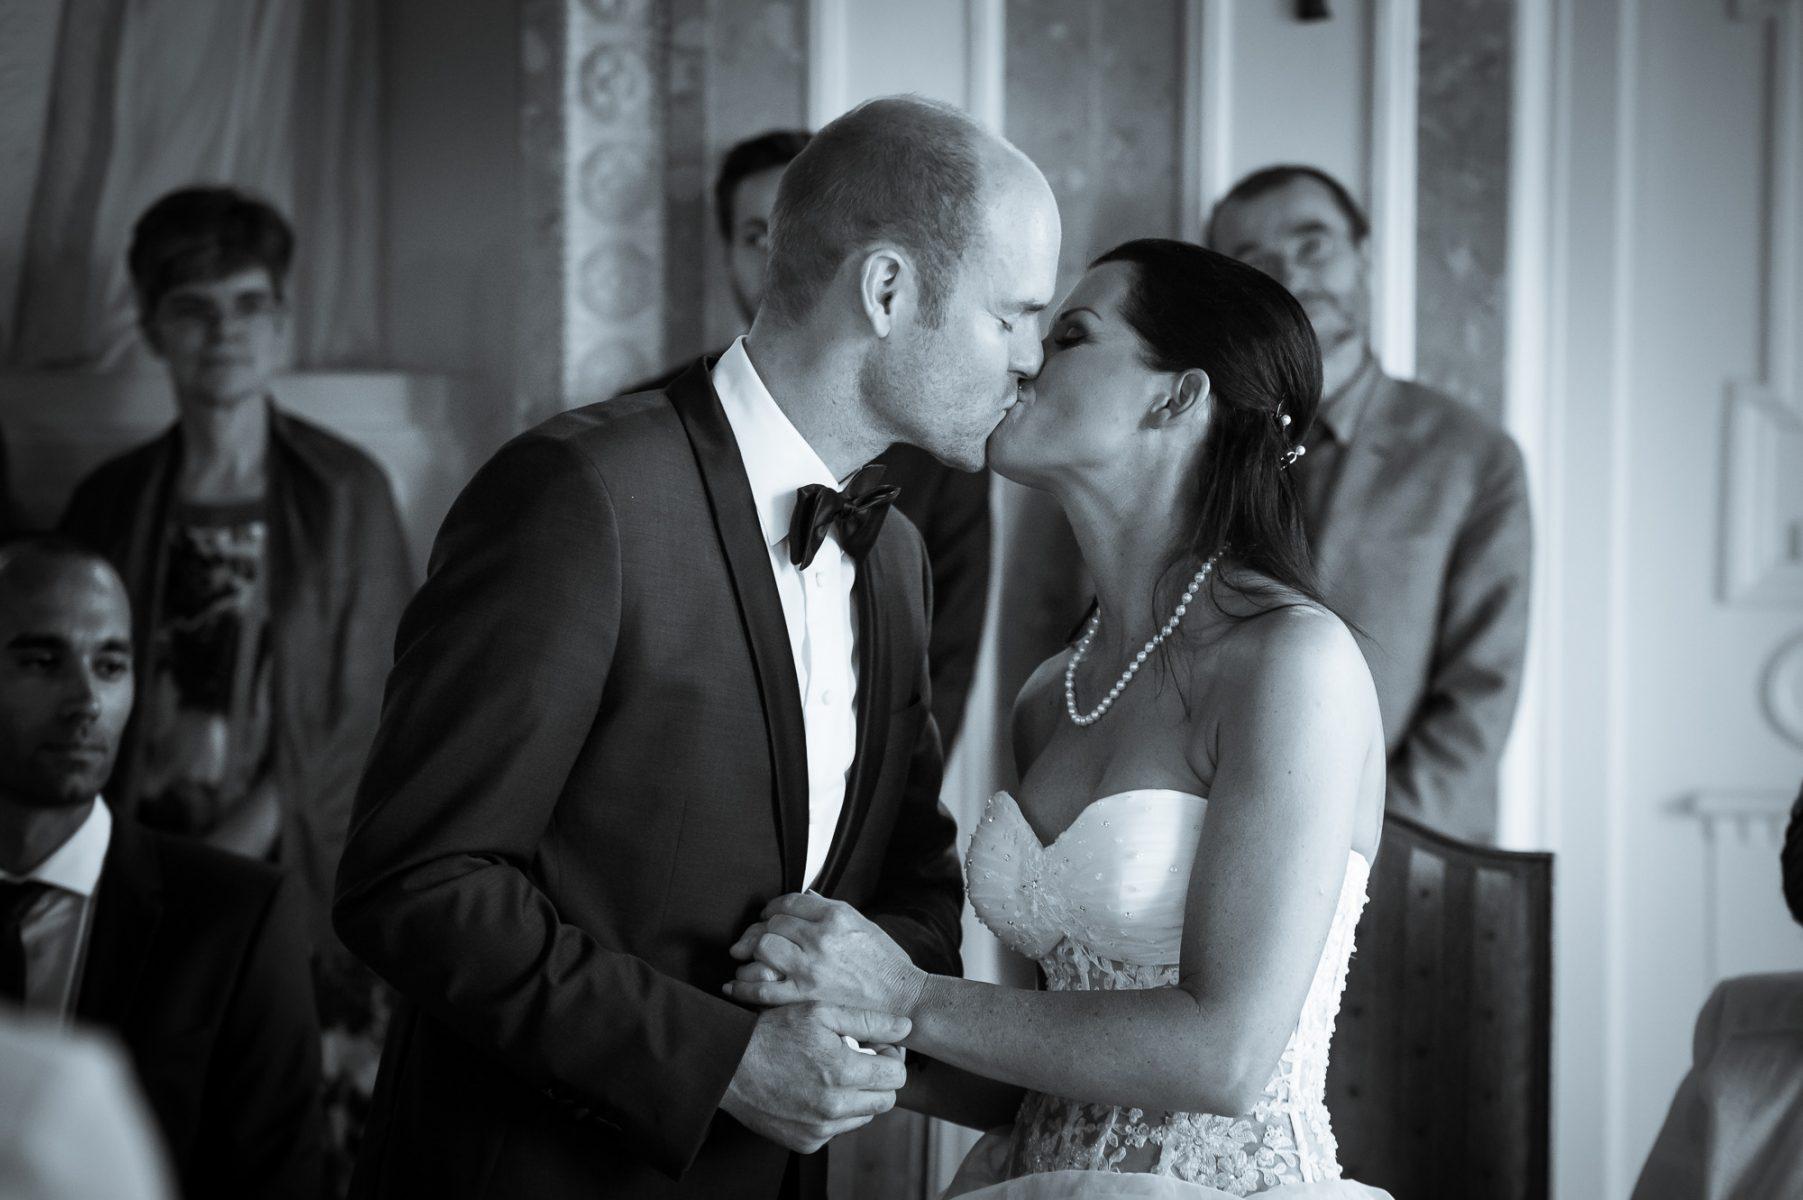 Hochzeit B2000  3856 175 1803x1200 - Trauung